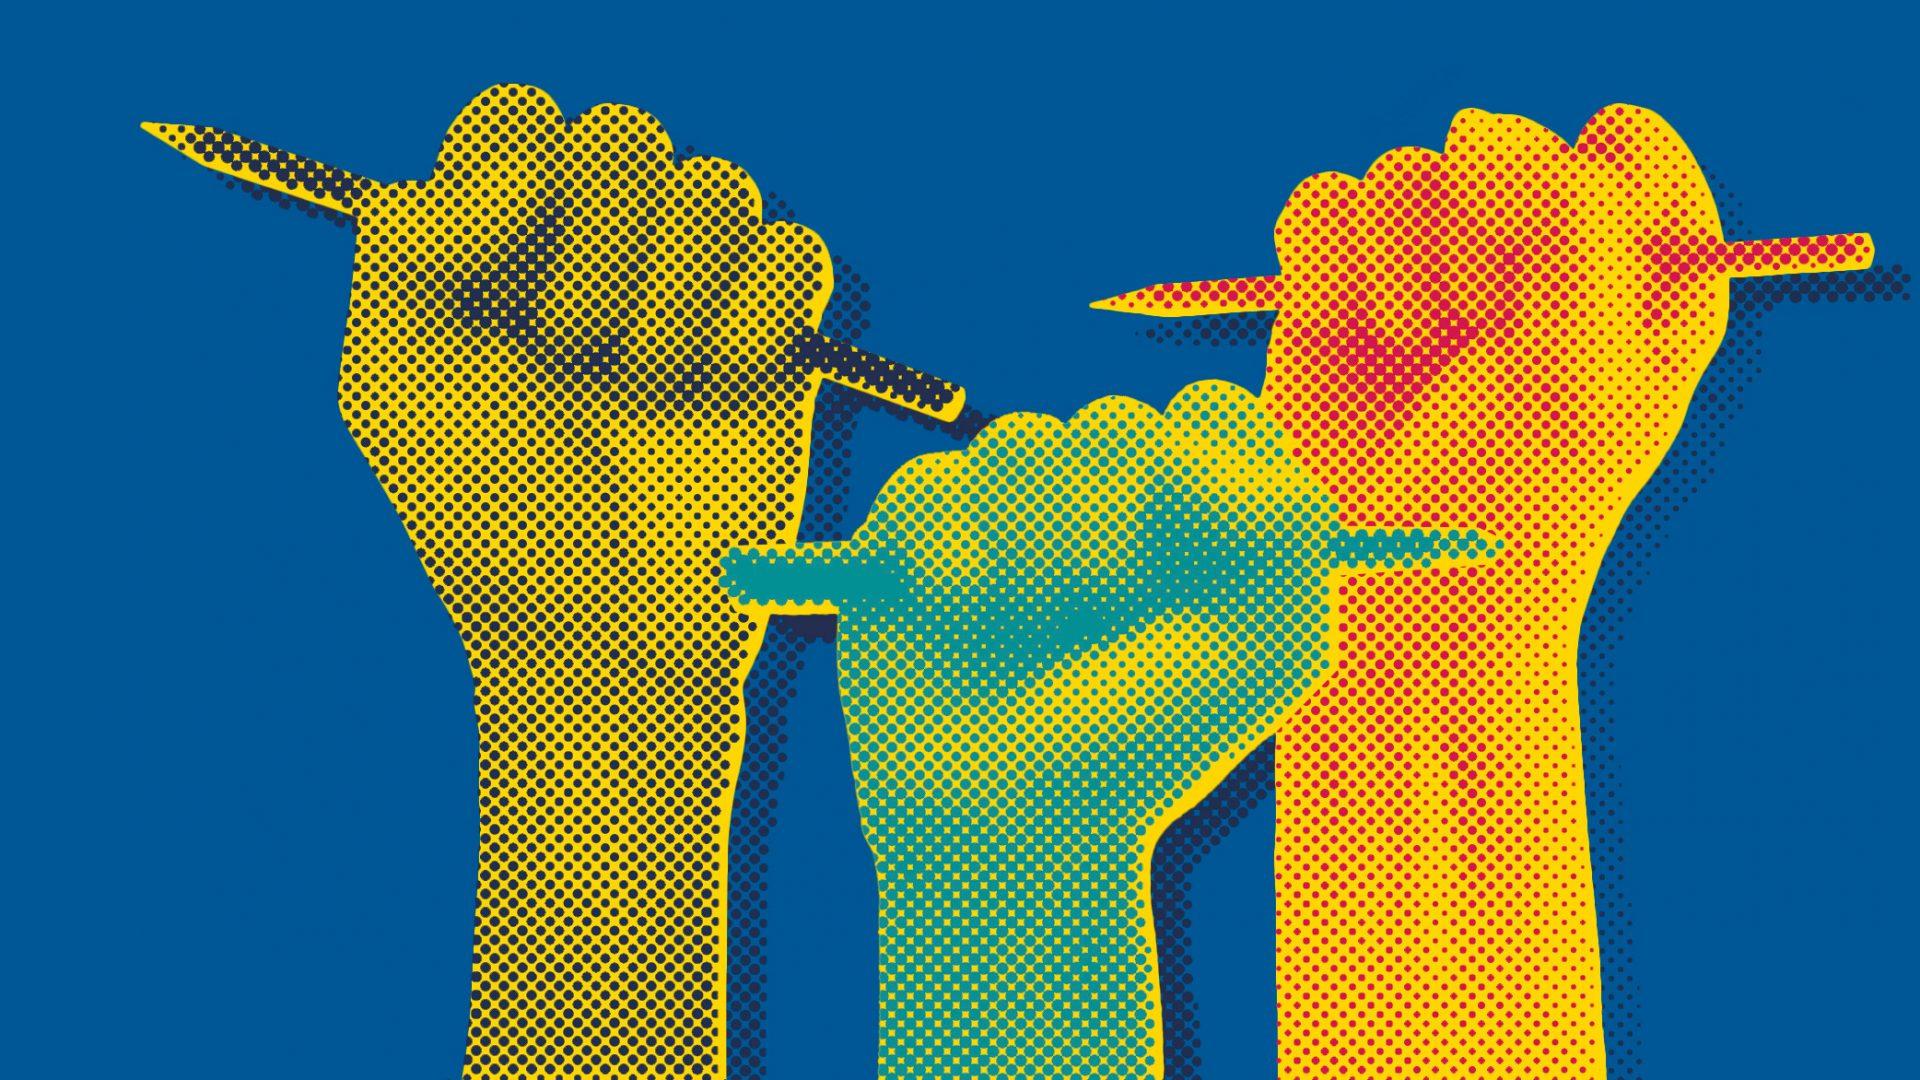 Libertatea presei, pusă în pericol de slăbirea statului de drept și violență. Urmează o perioadă decisivă pentru jurnalism